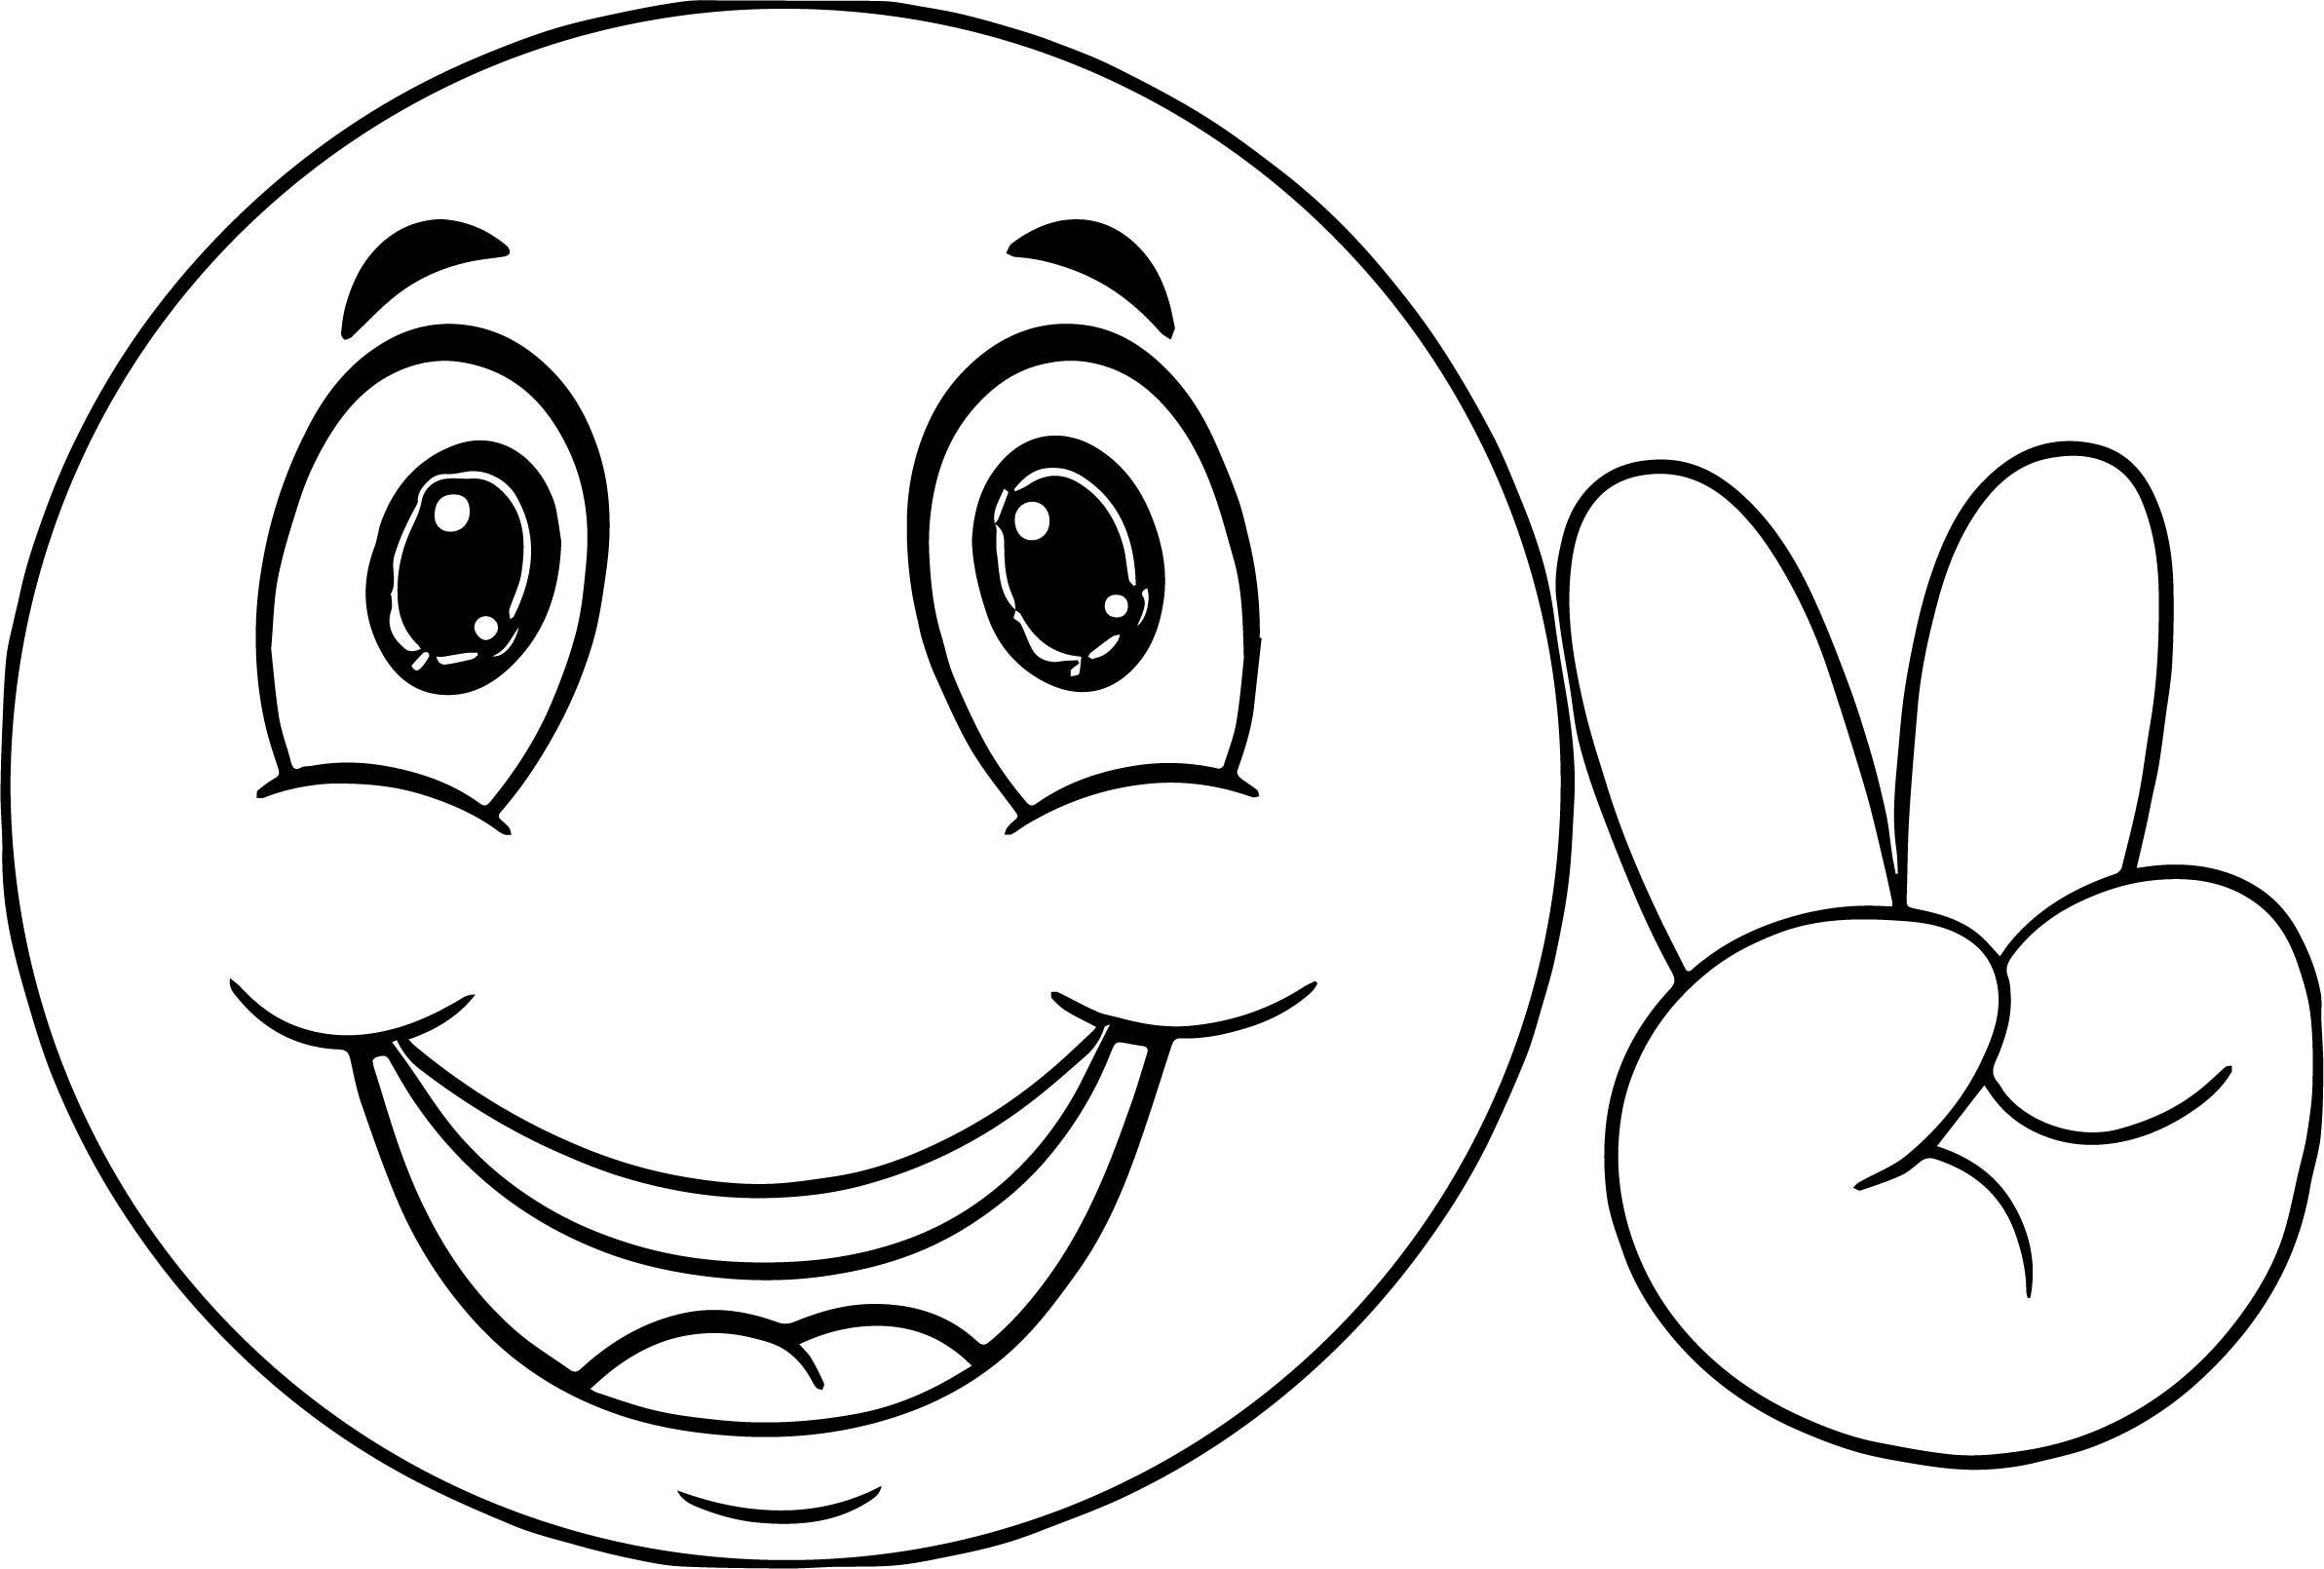 ausmalbilder emojis zum ausdrucken  38 ausmalbilder emoji